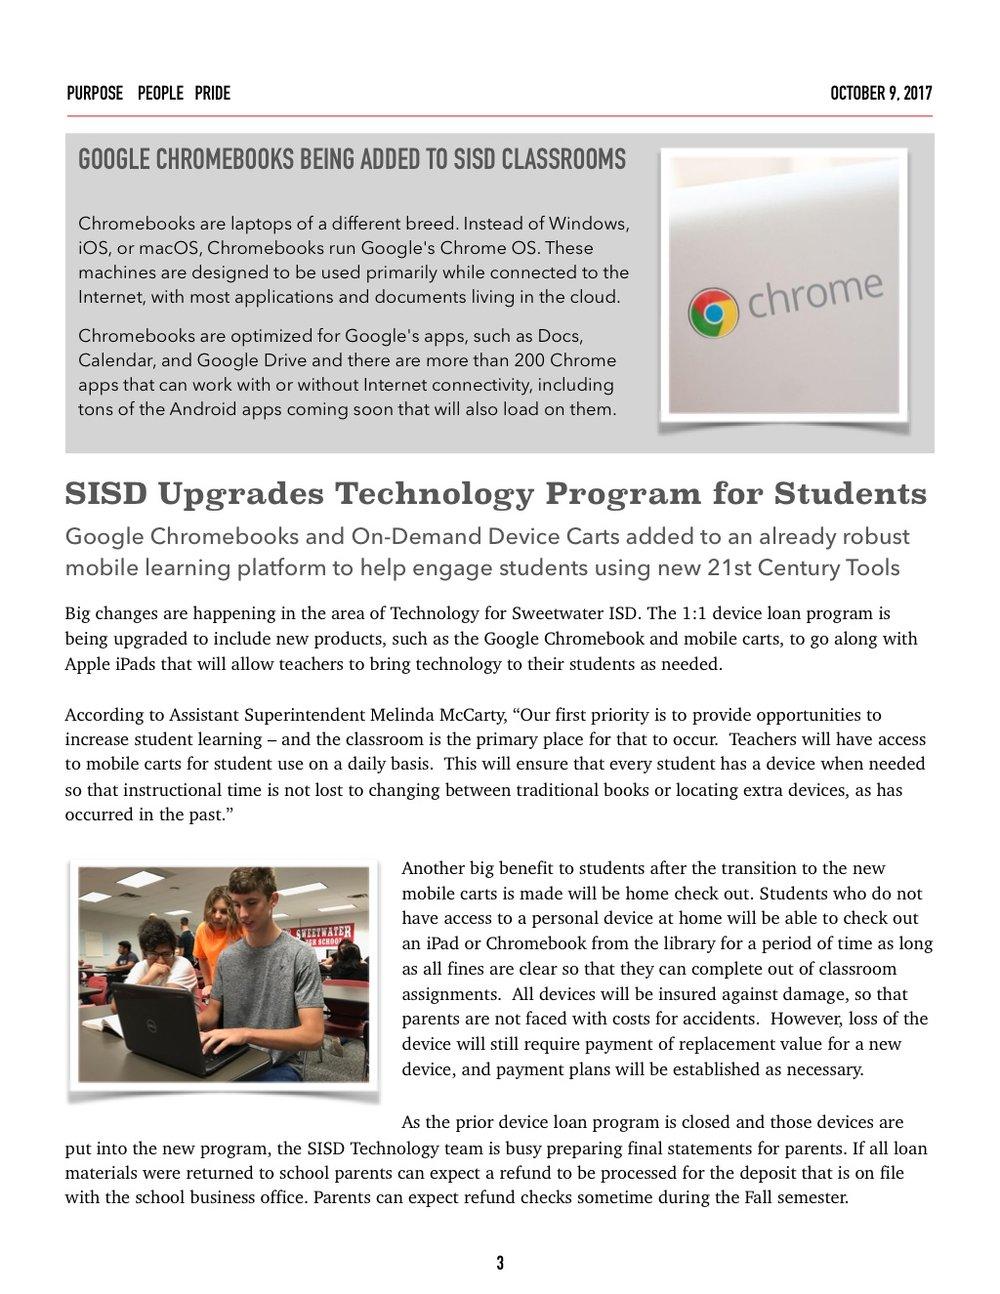 SISD Newsletter October 2017-3.jpg